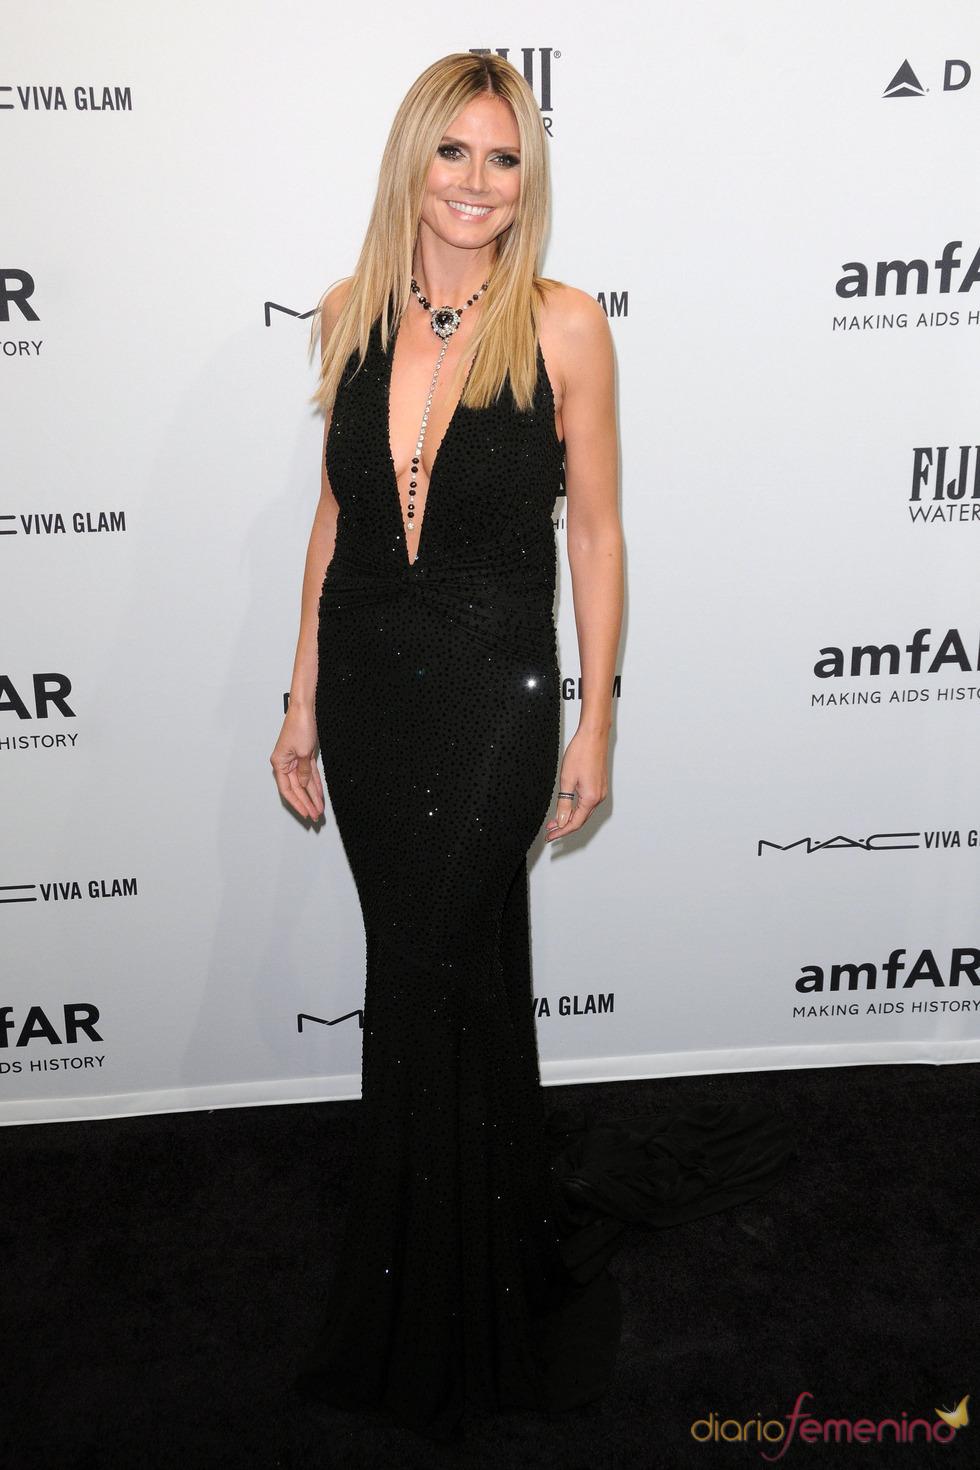 Heidi Klum en la gala de amfAR